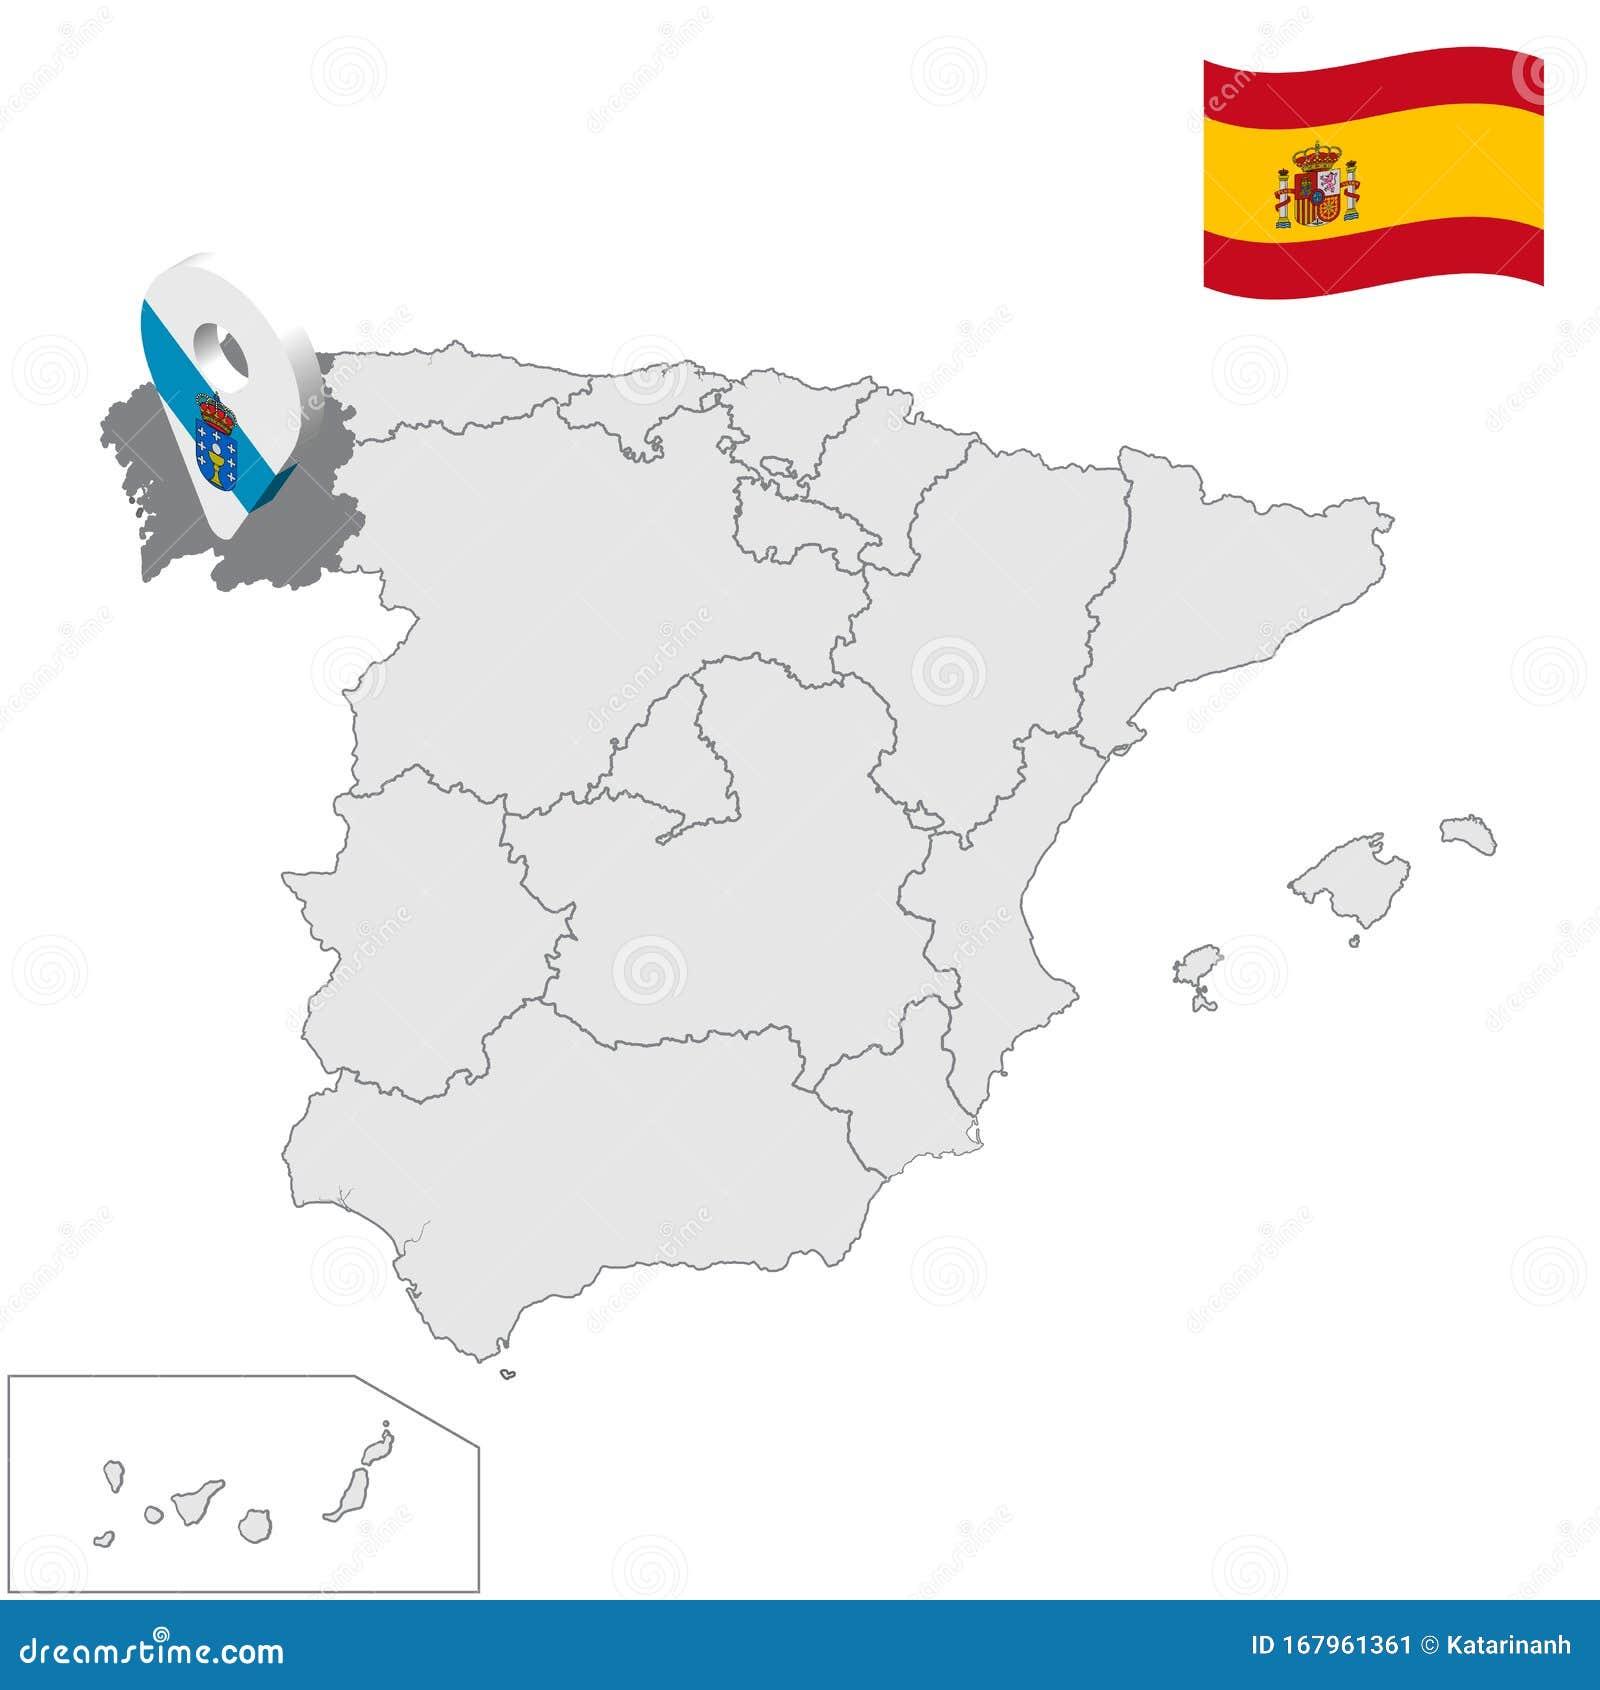 Cartina Spagna Galizia.Ubicazione Della Galizia Sulla Mappa Della Spagna 3d Indicazione Della Localita Della Galizia Simile Alla Bandiera Della Galizia Illustrazione Vettoriale Illustrazione Di Moderno Profilo 167961361